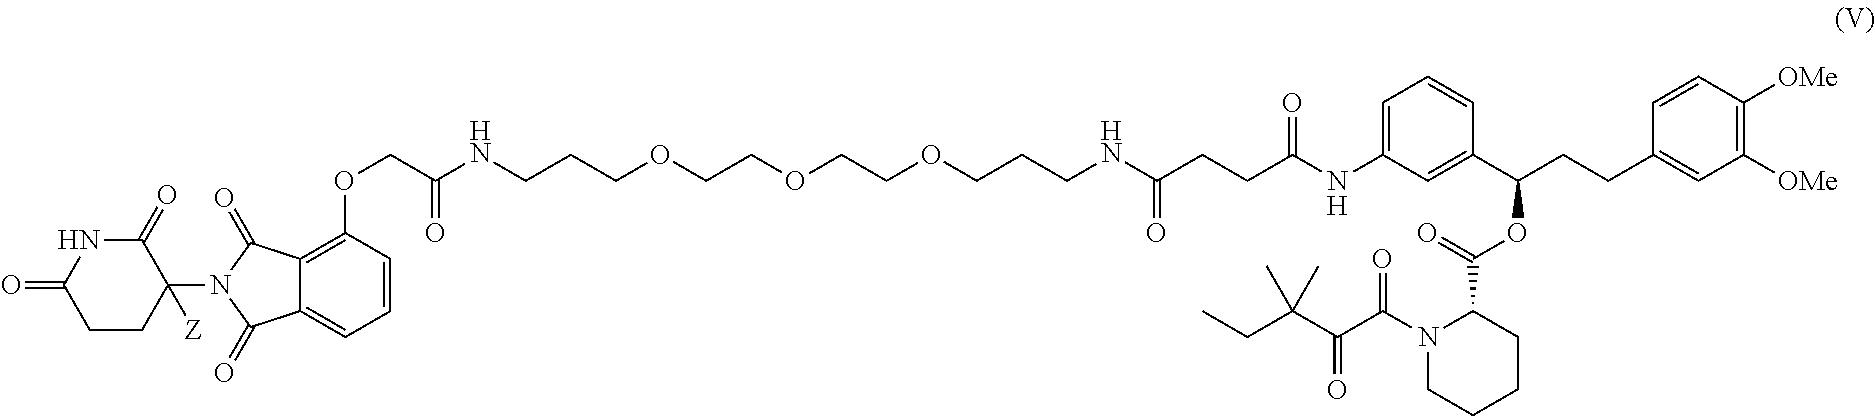 Figure US09809603-20171107-C00061